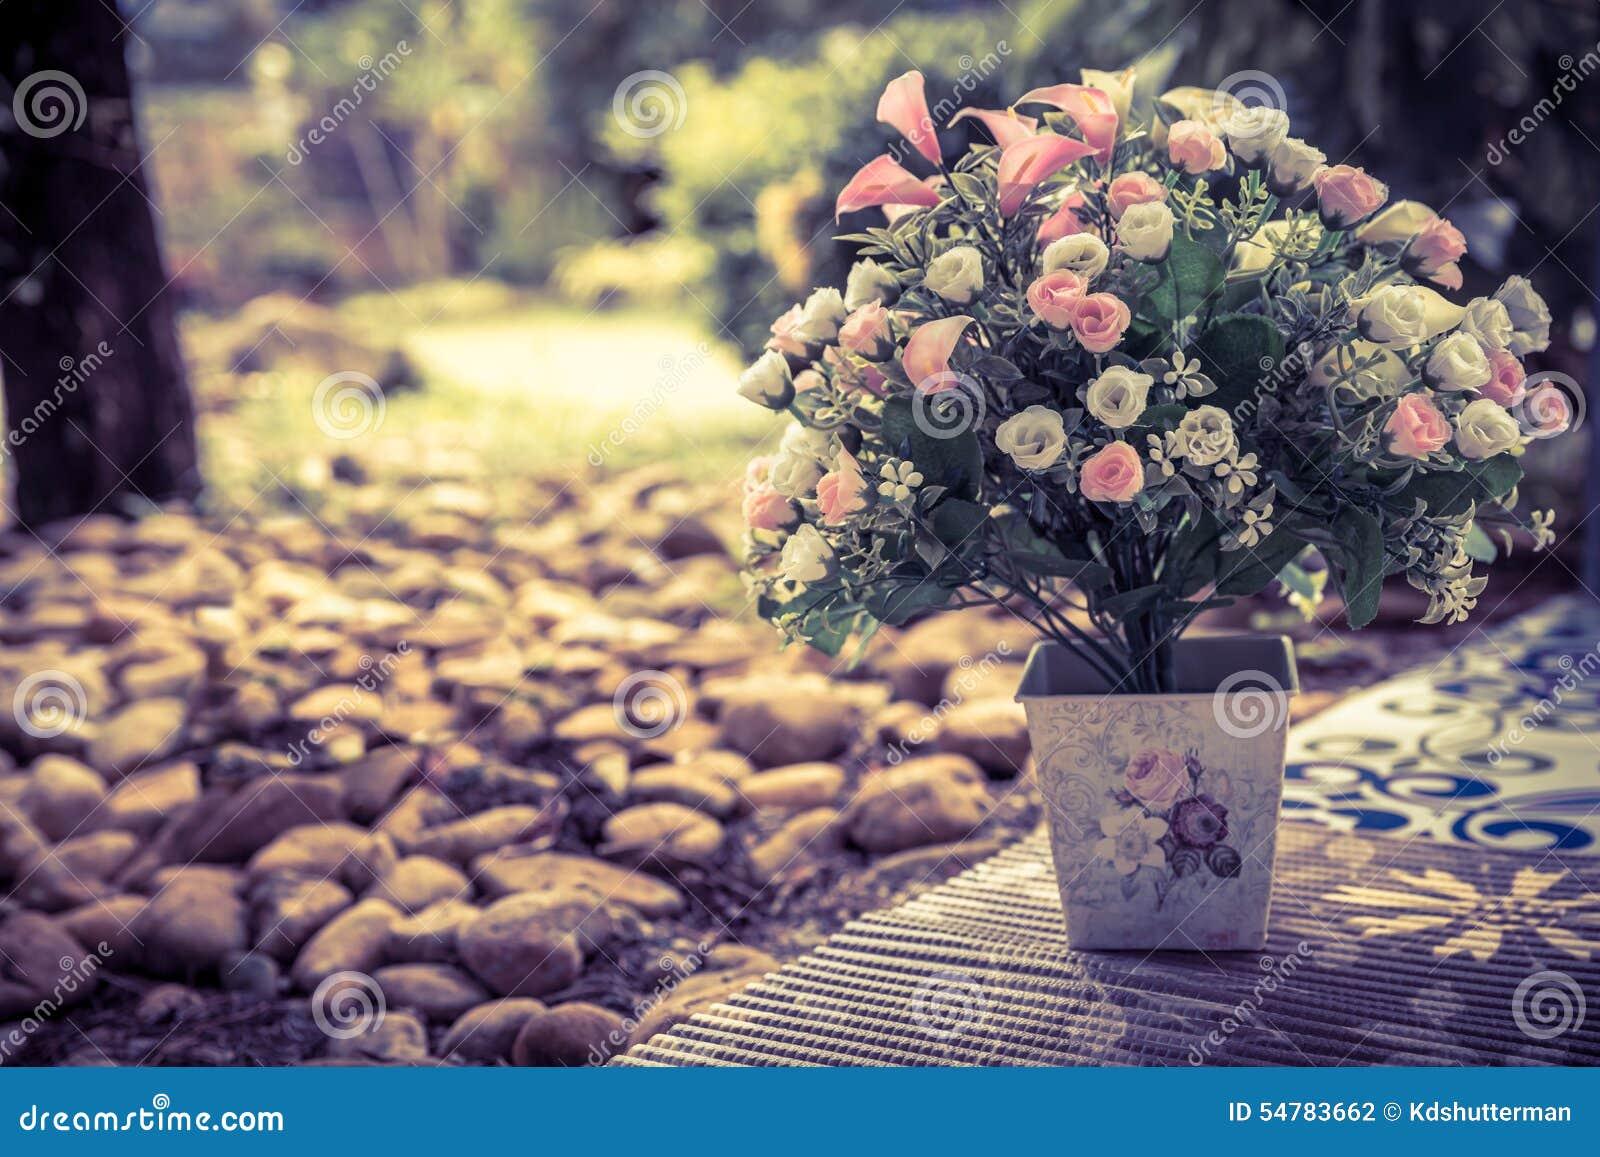 beau bouquet des fleurs artificielles dans un vase en. Black Bedroom Furniture Sets. Home Design Ideas